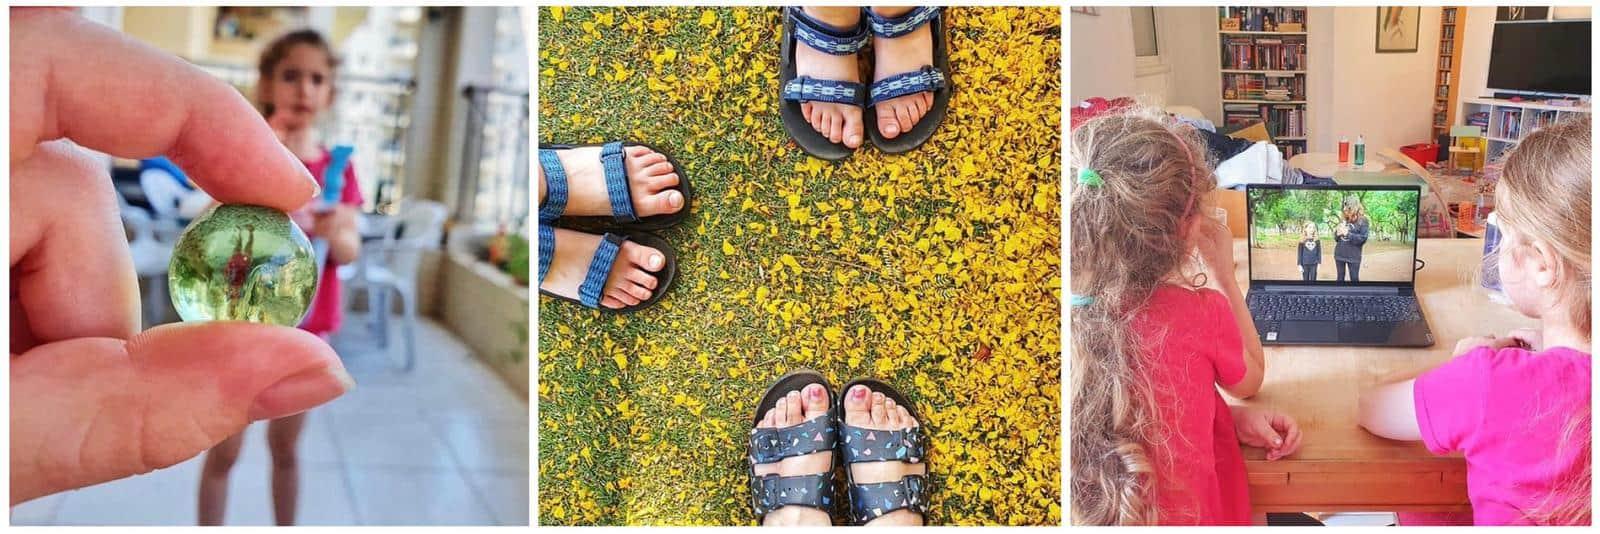 גל ואור שקולניק הבנות של נועה בעלת הבלוג ״הדברים הקטנים״